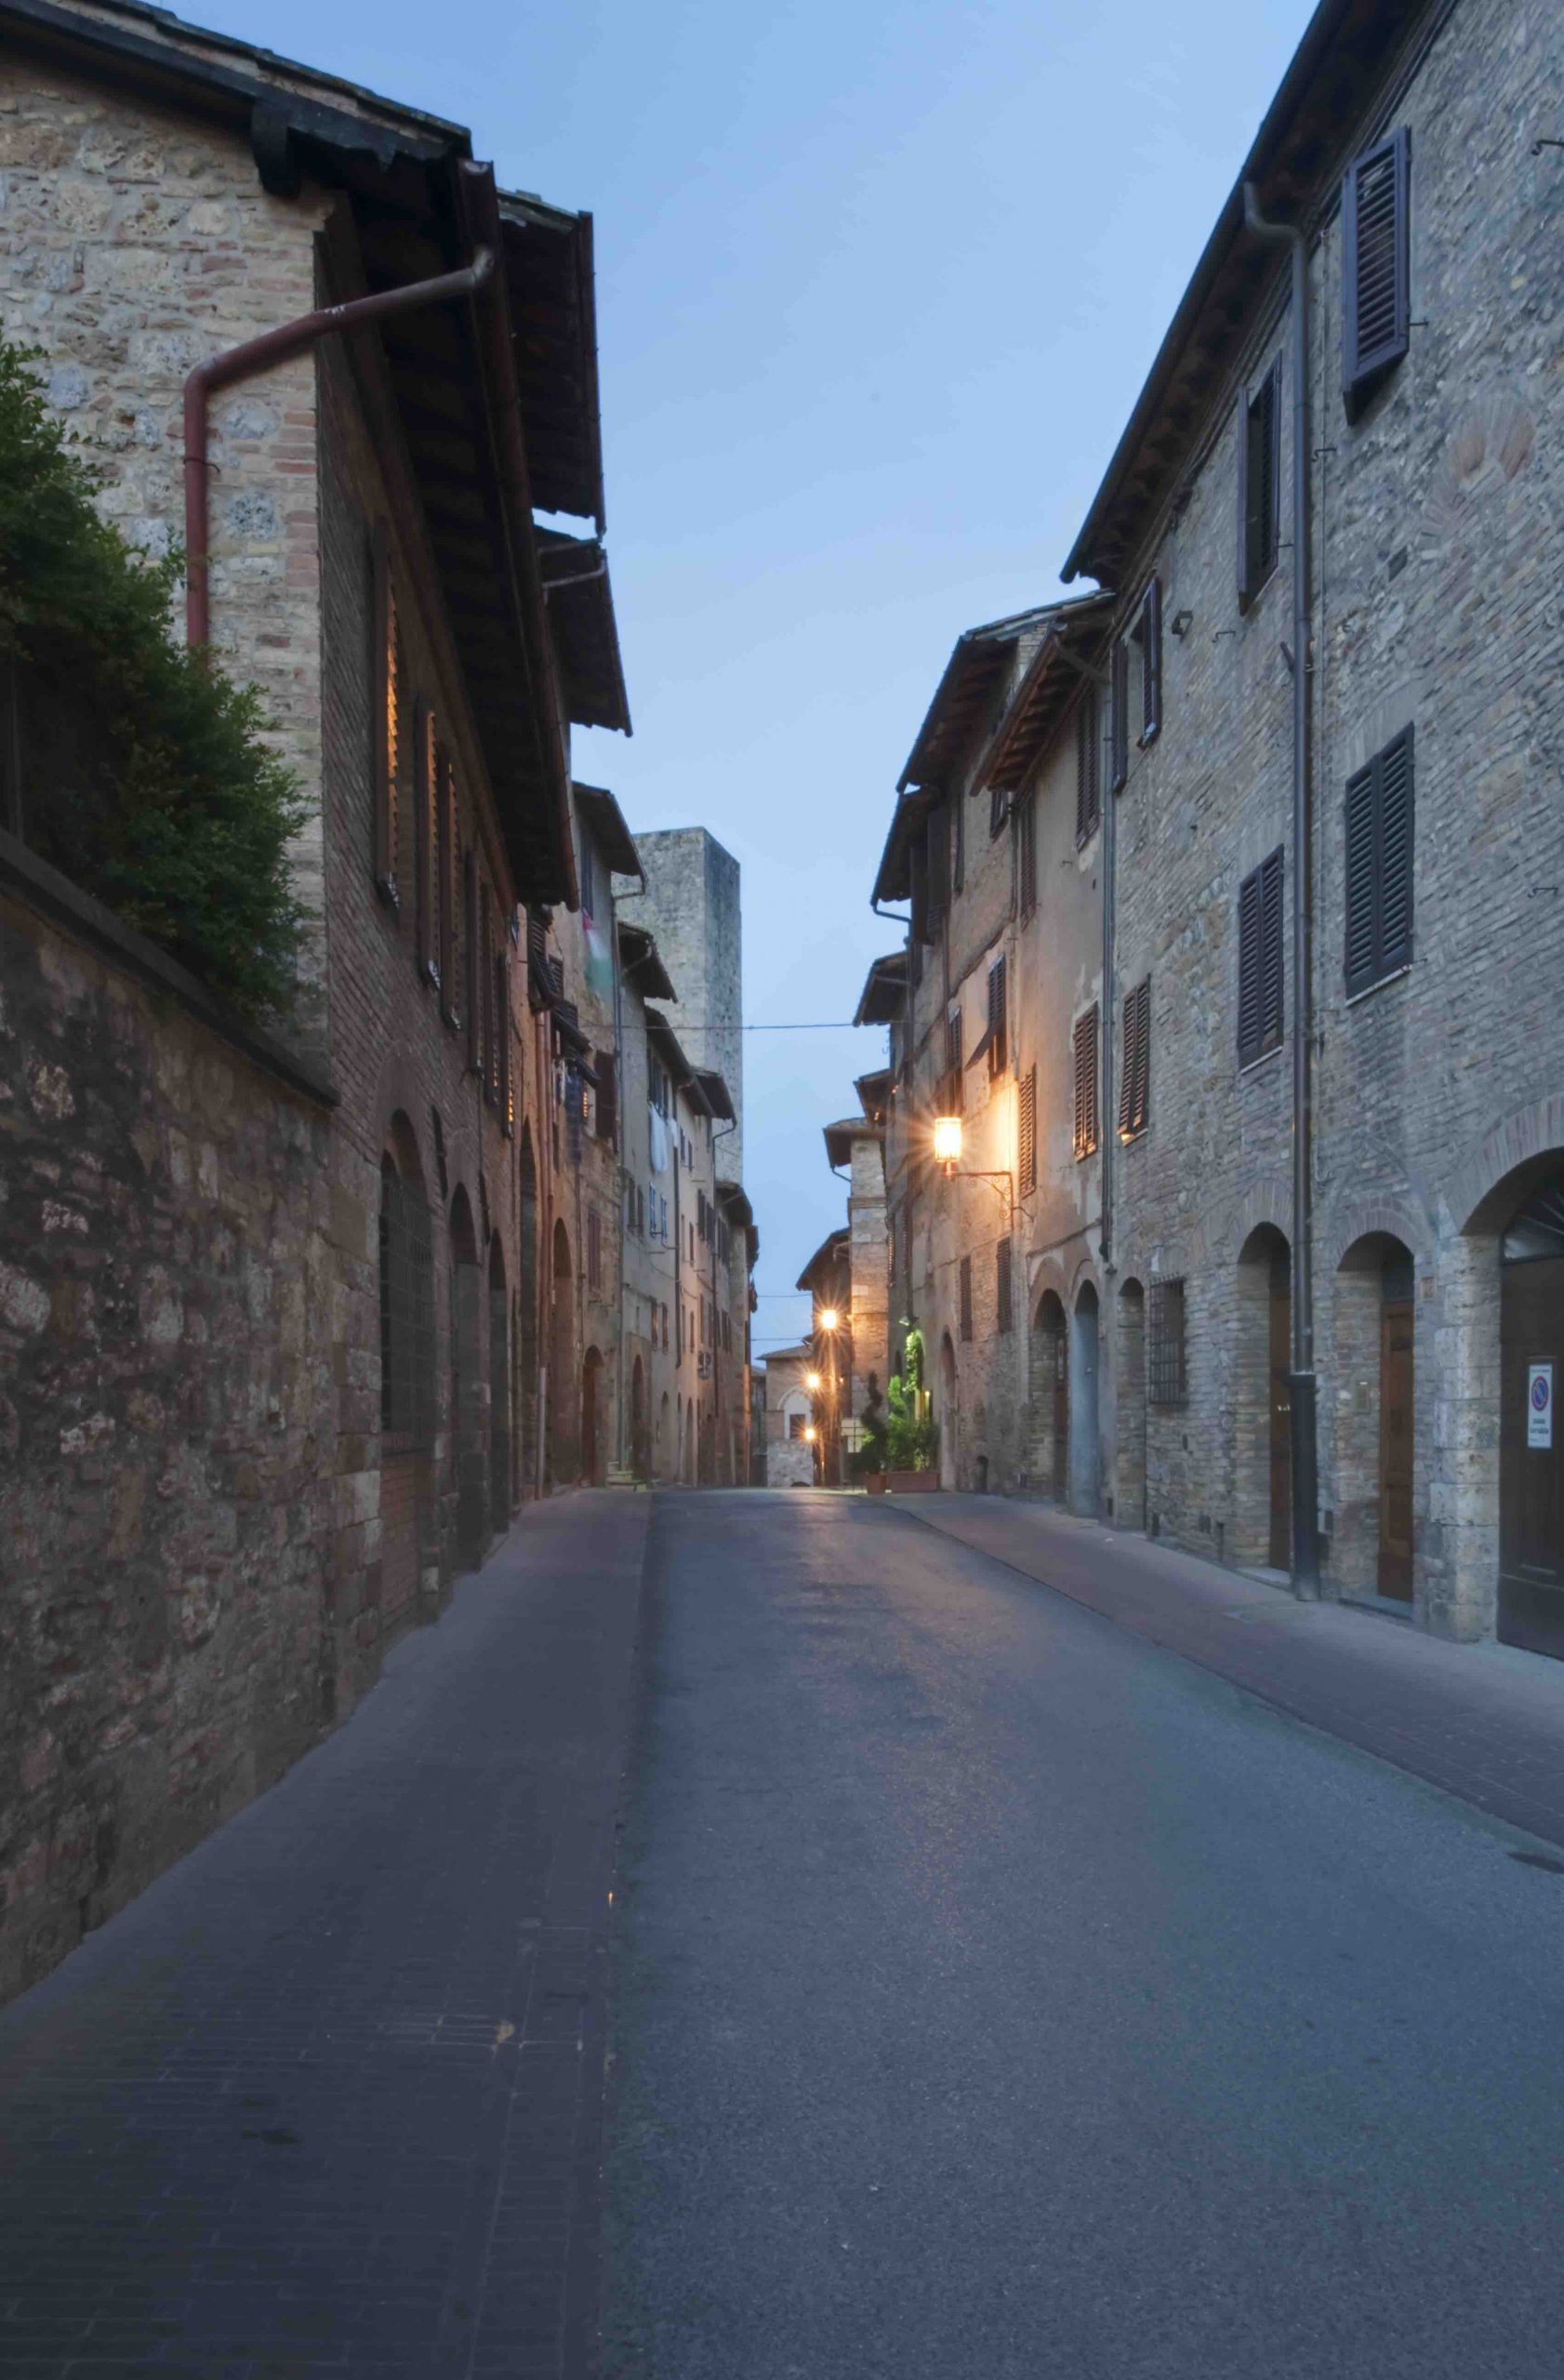 Tuscany, Italy,Medieval Street